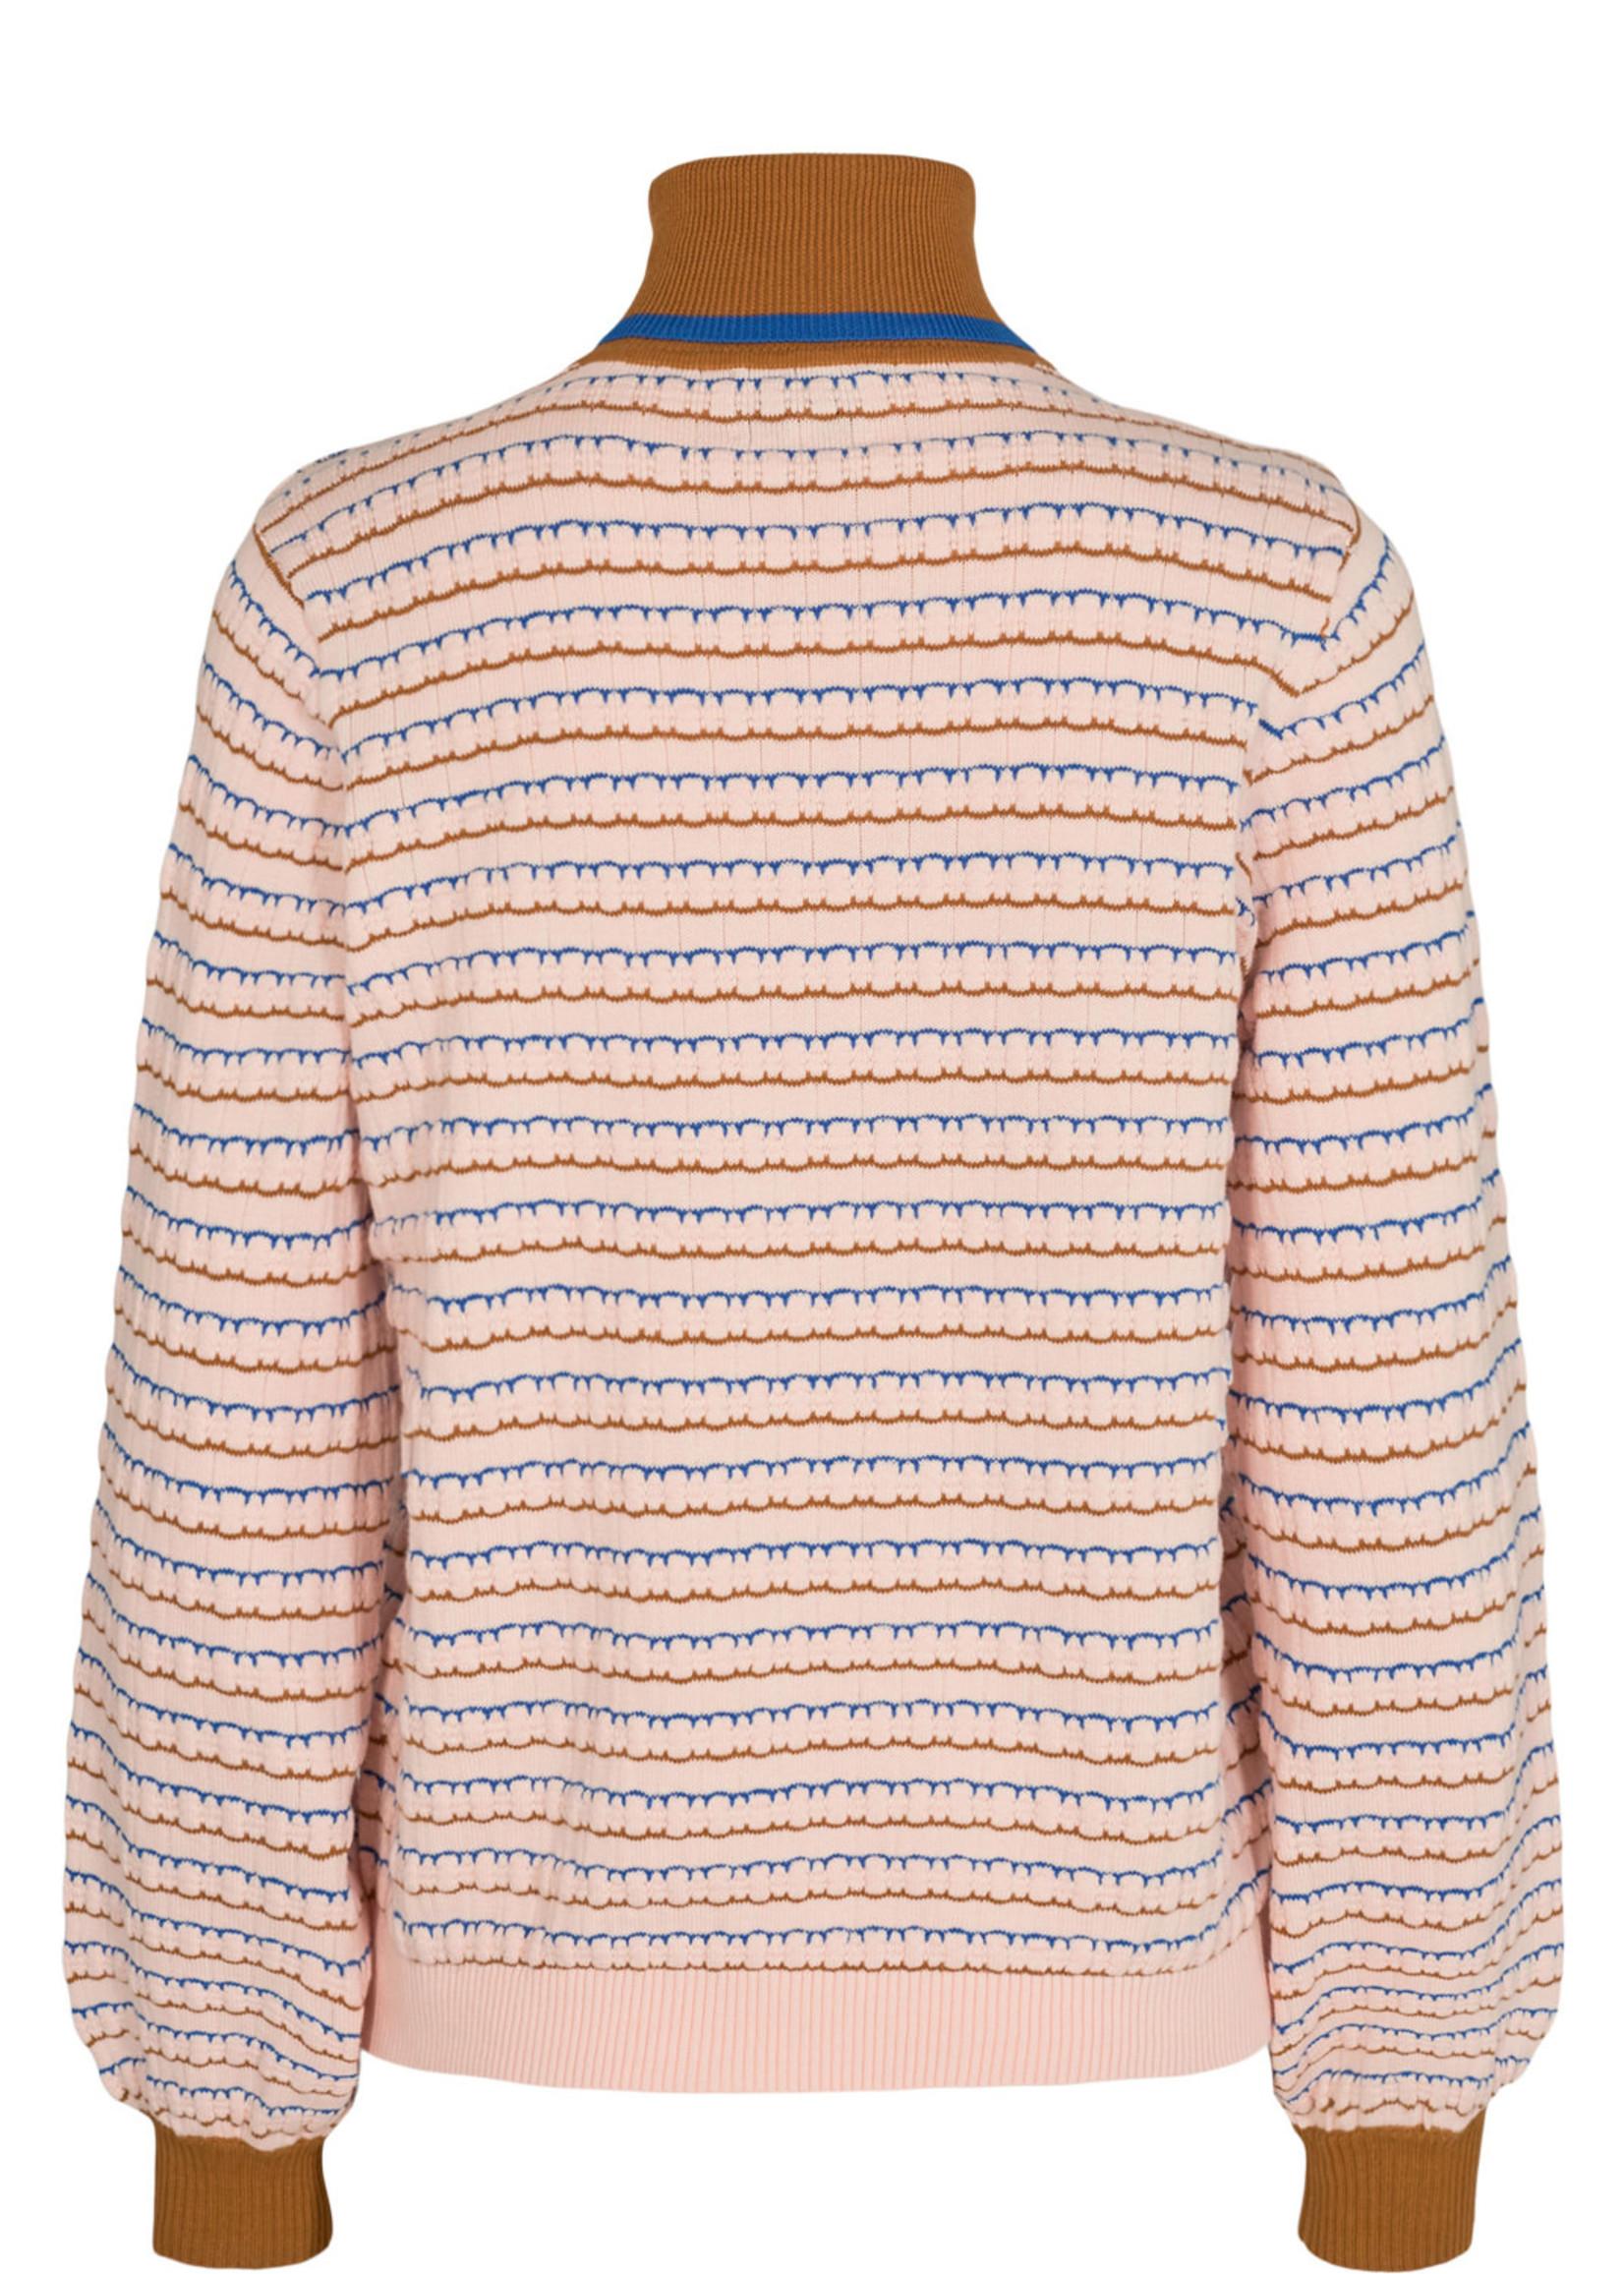 Numph Nucarleigh Pullover LS